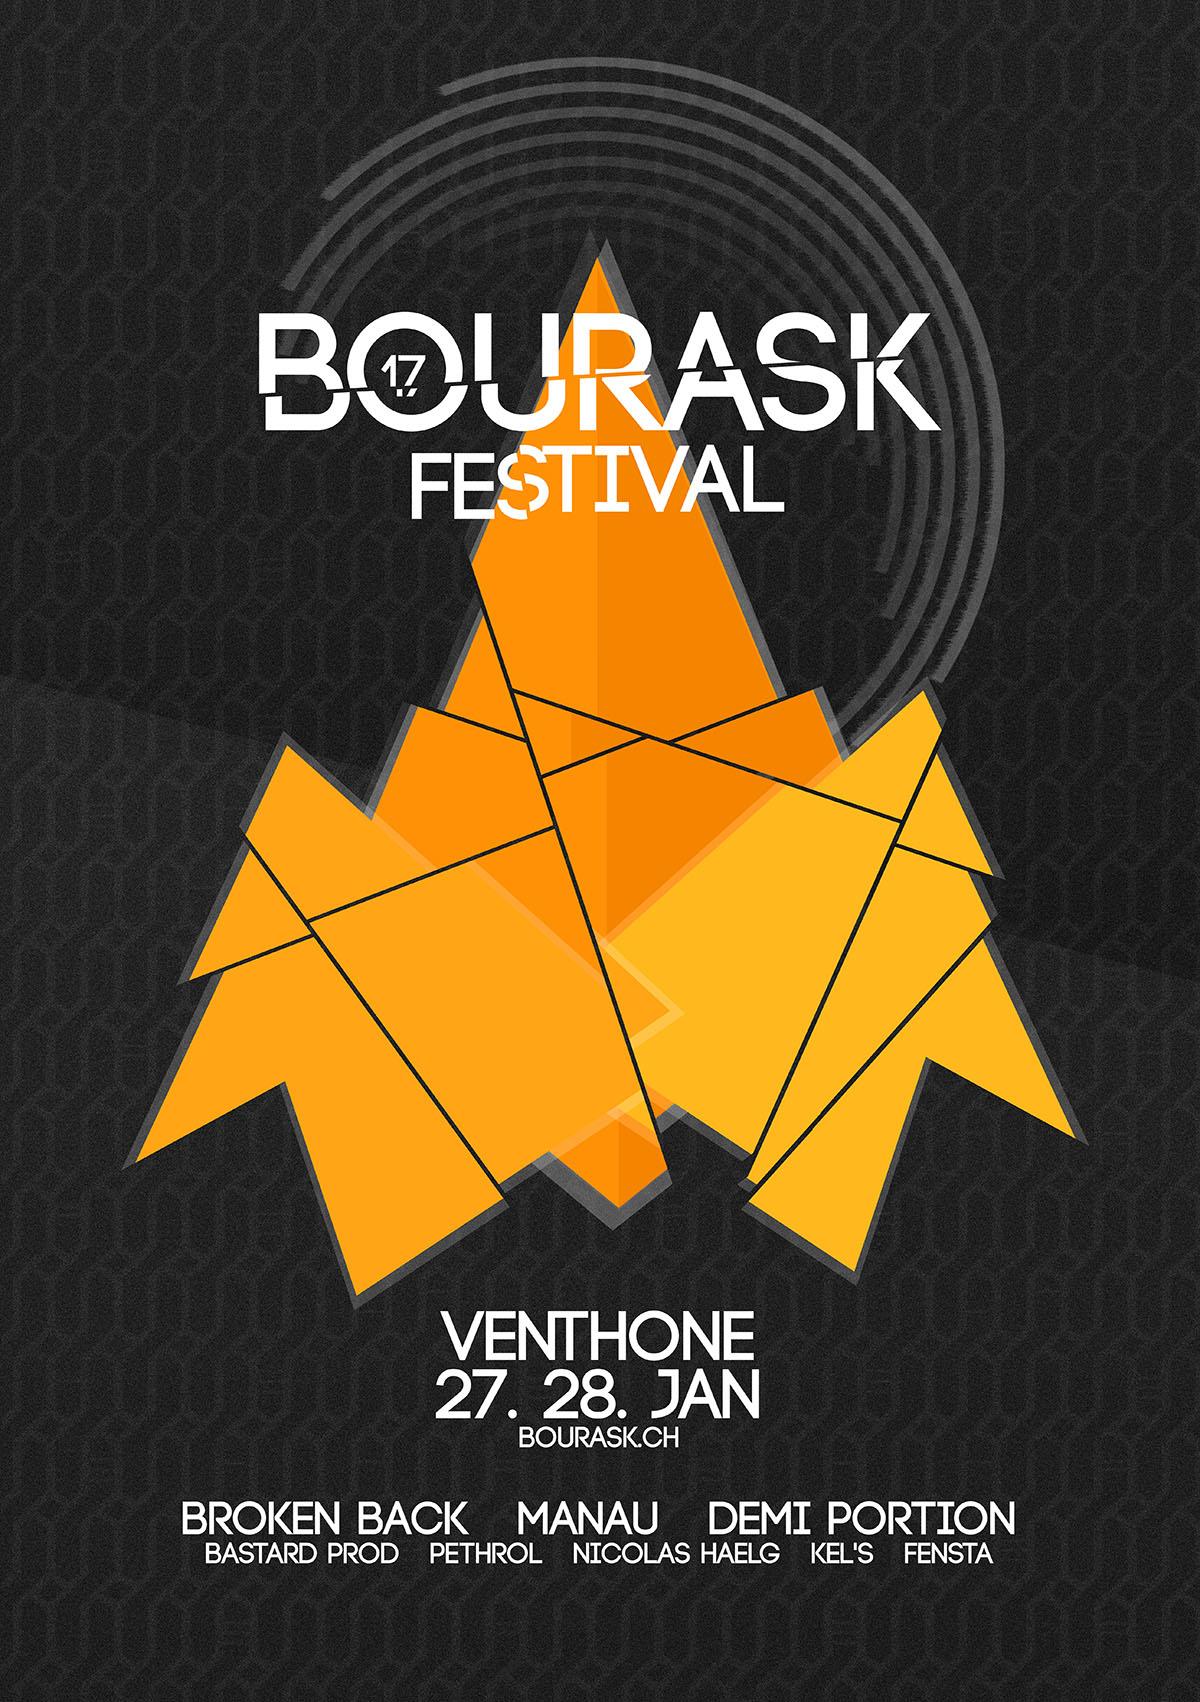 affiche bourask festival